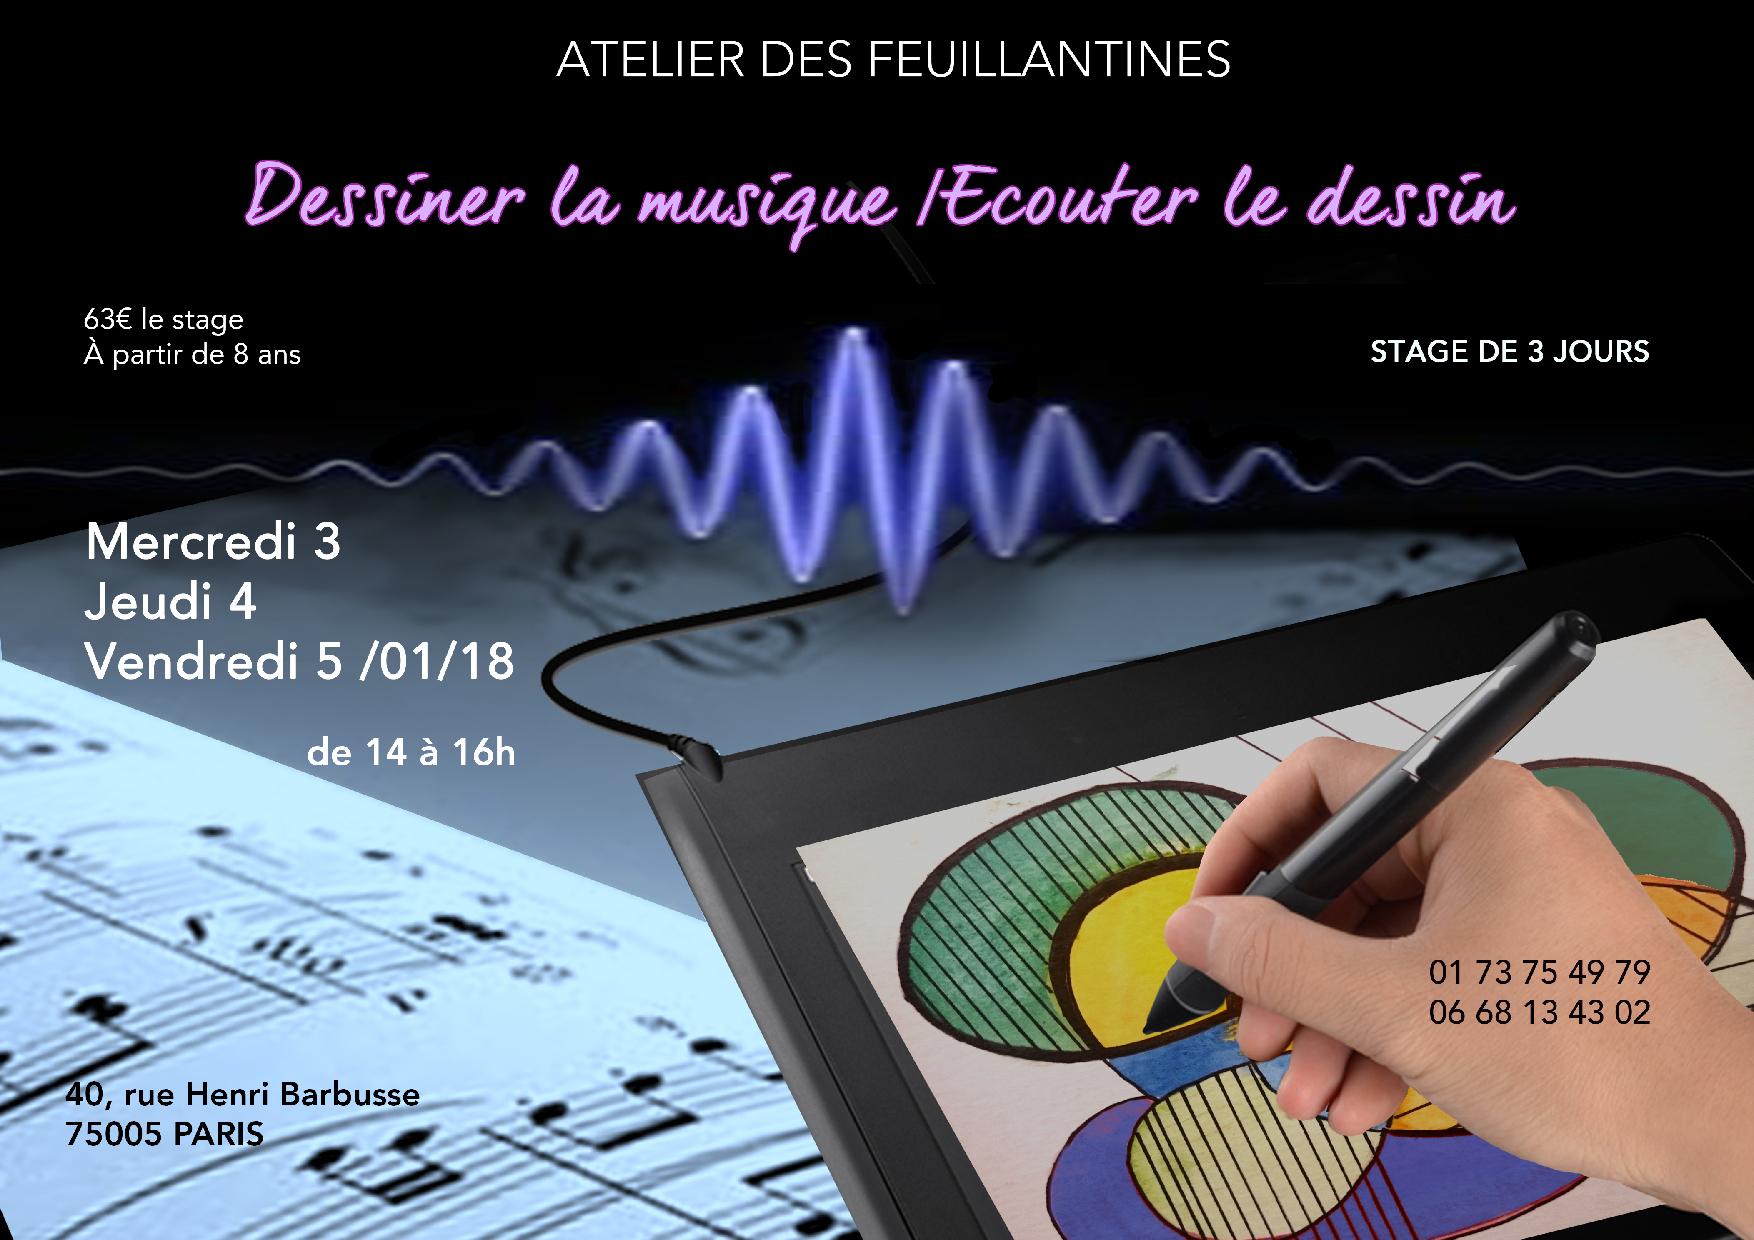 stage - dessiner la musique - écouter le dessin